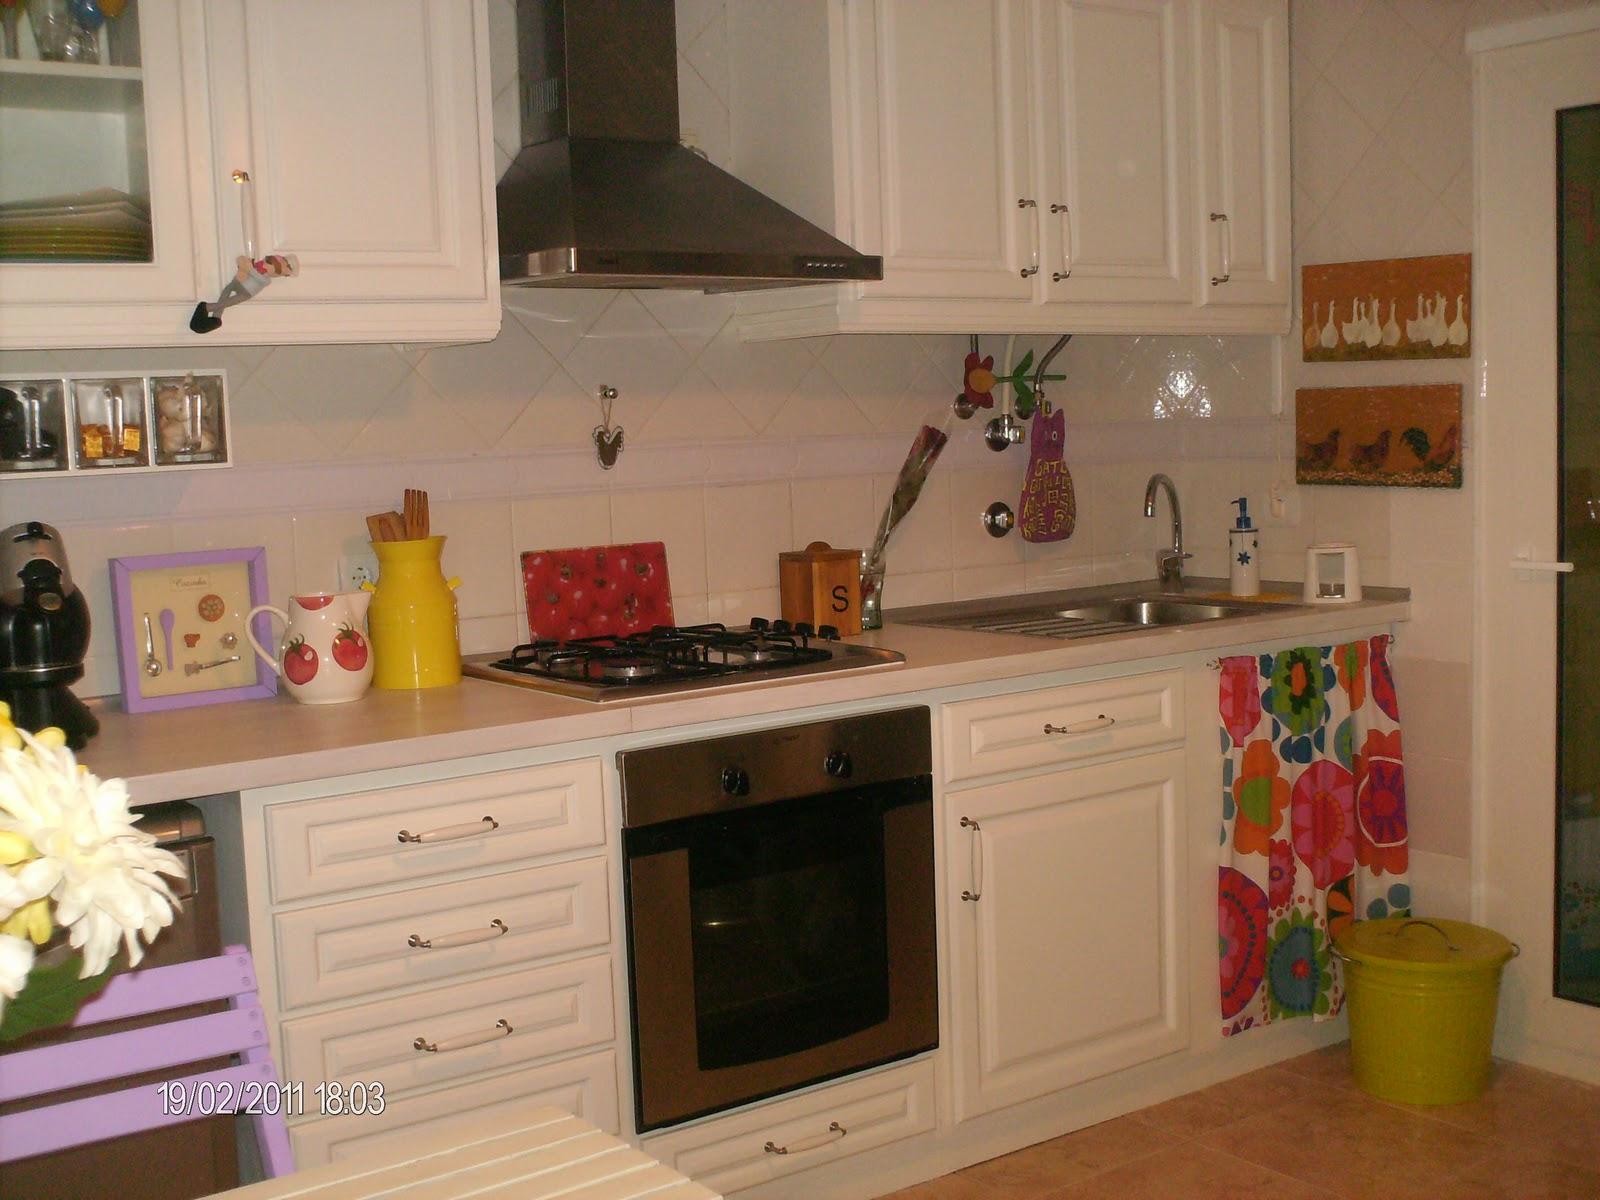 mais uma vista da minha cozinha não me canso de olhar para ela #B28419 1600 1200